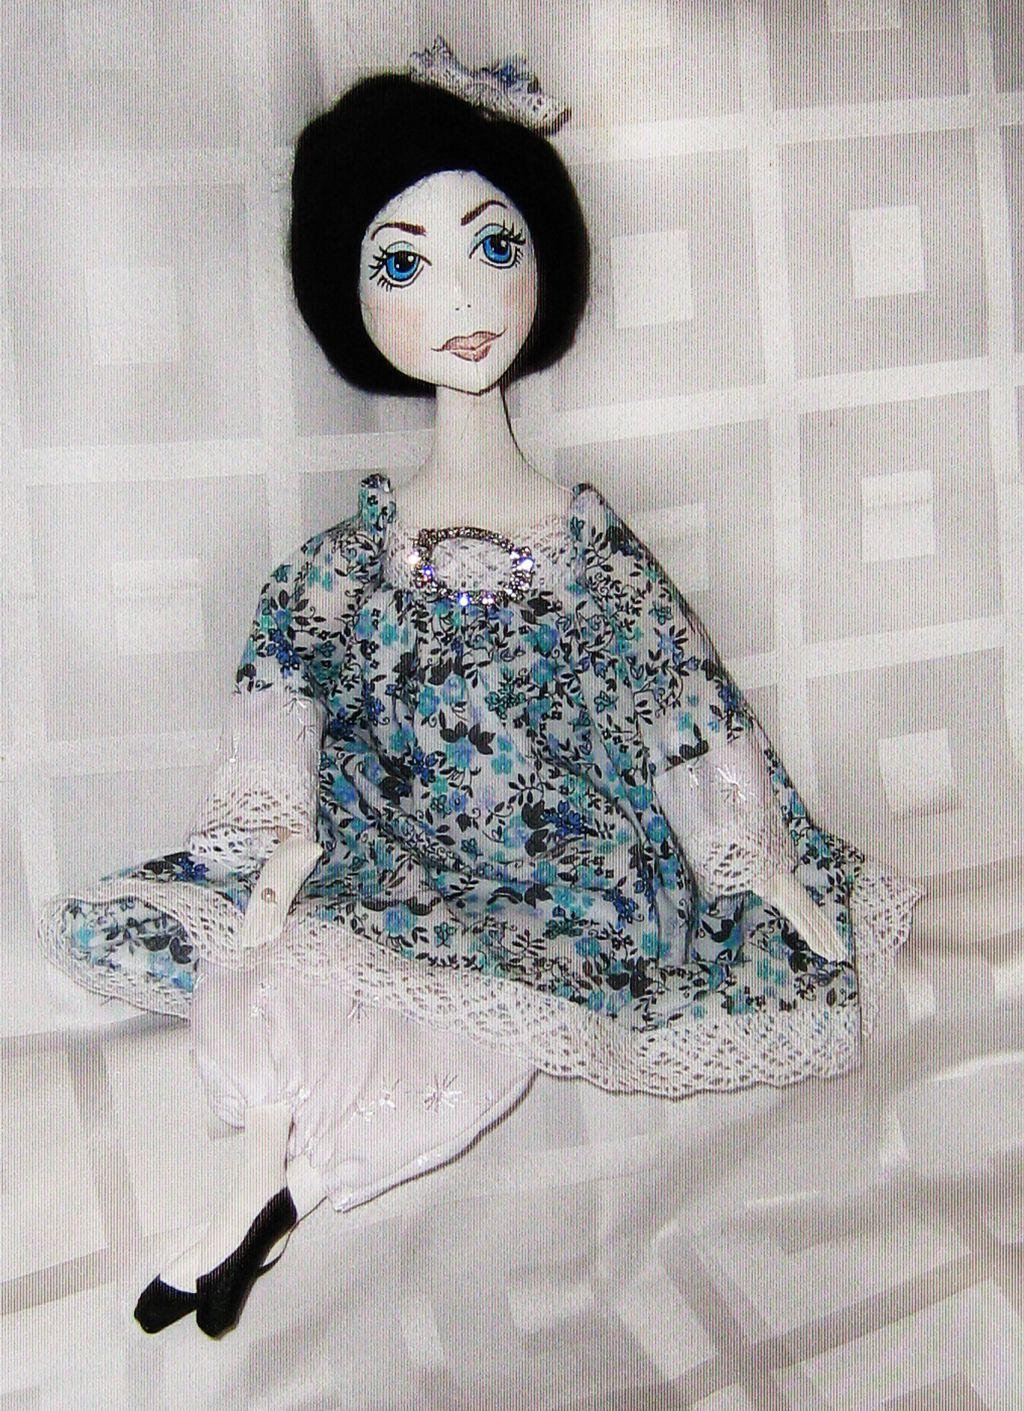 будуарная голубое белое кукла ручная кружево работа текстильная платье подарок